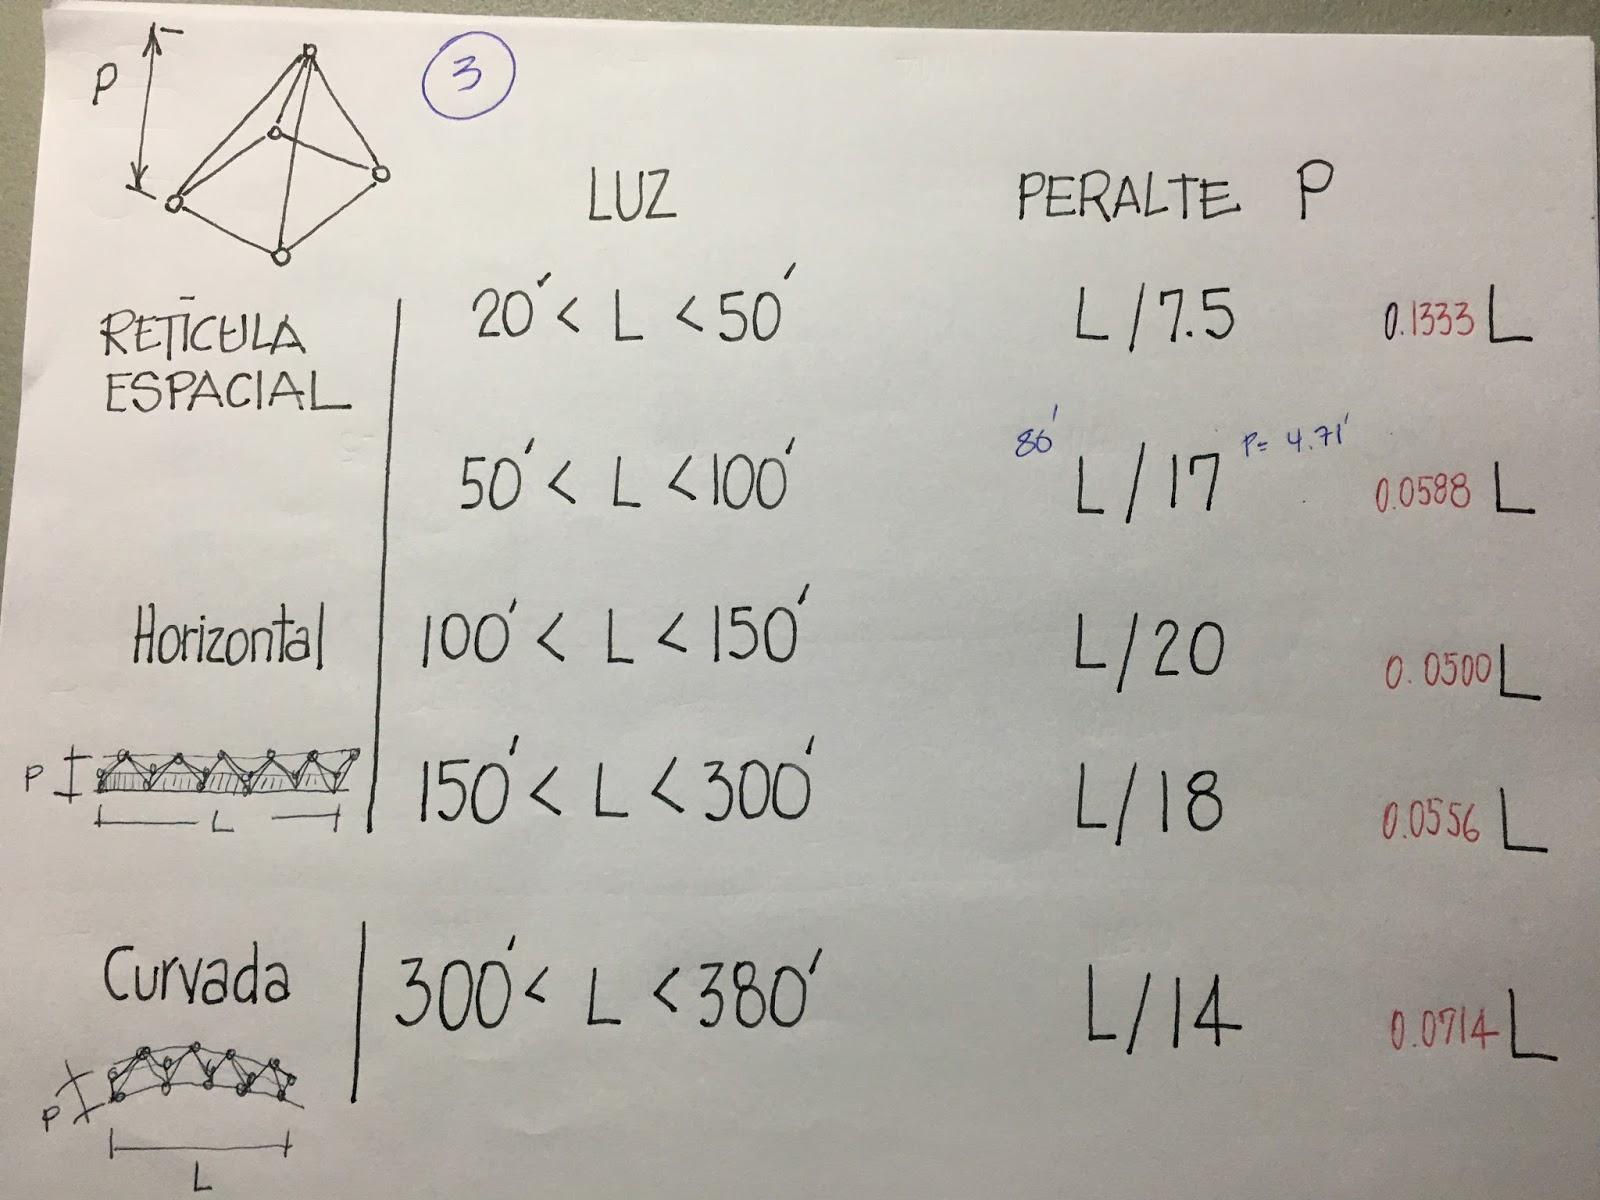 Matemáticas, Estática, Estructuras ¡Resuelva sus dudas aquí!